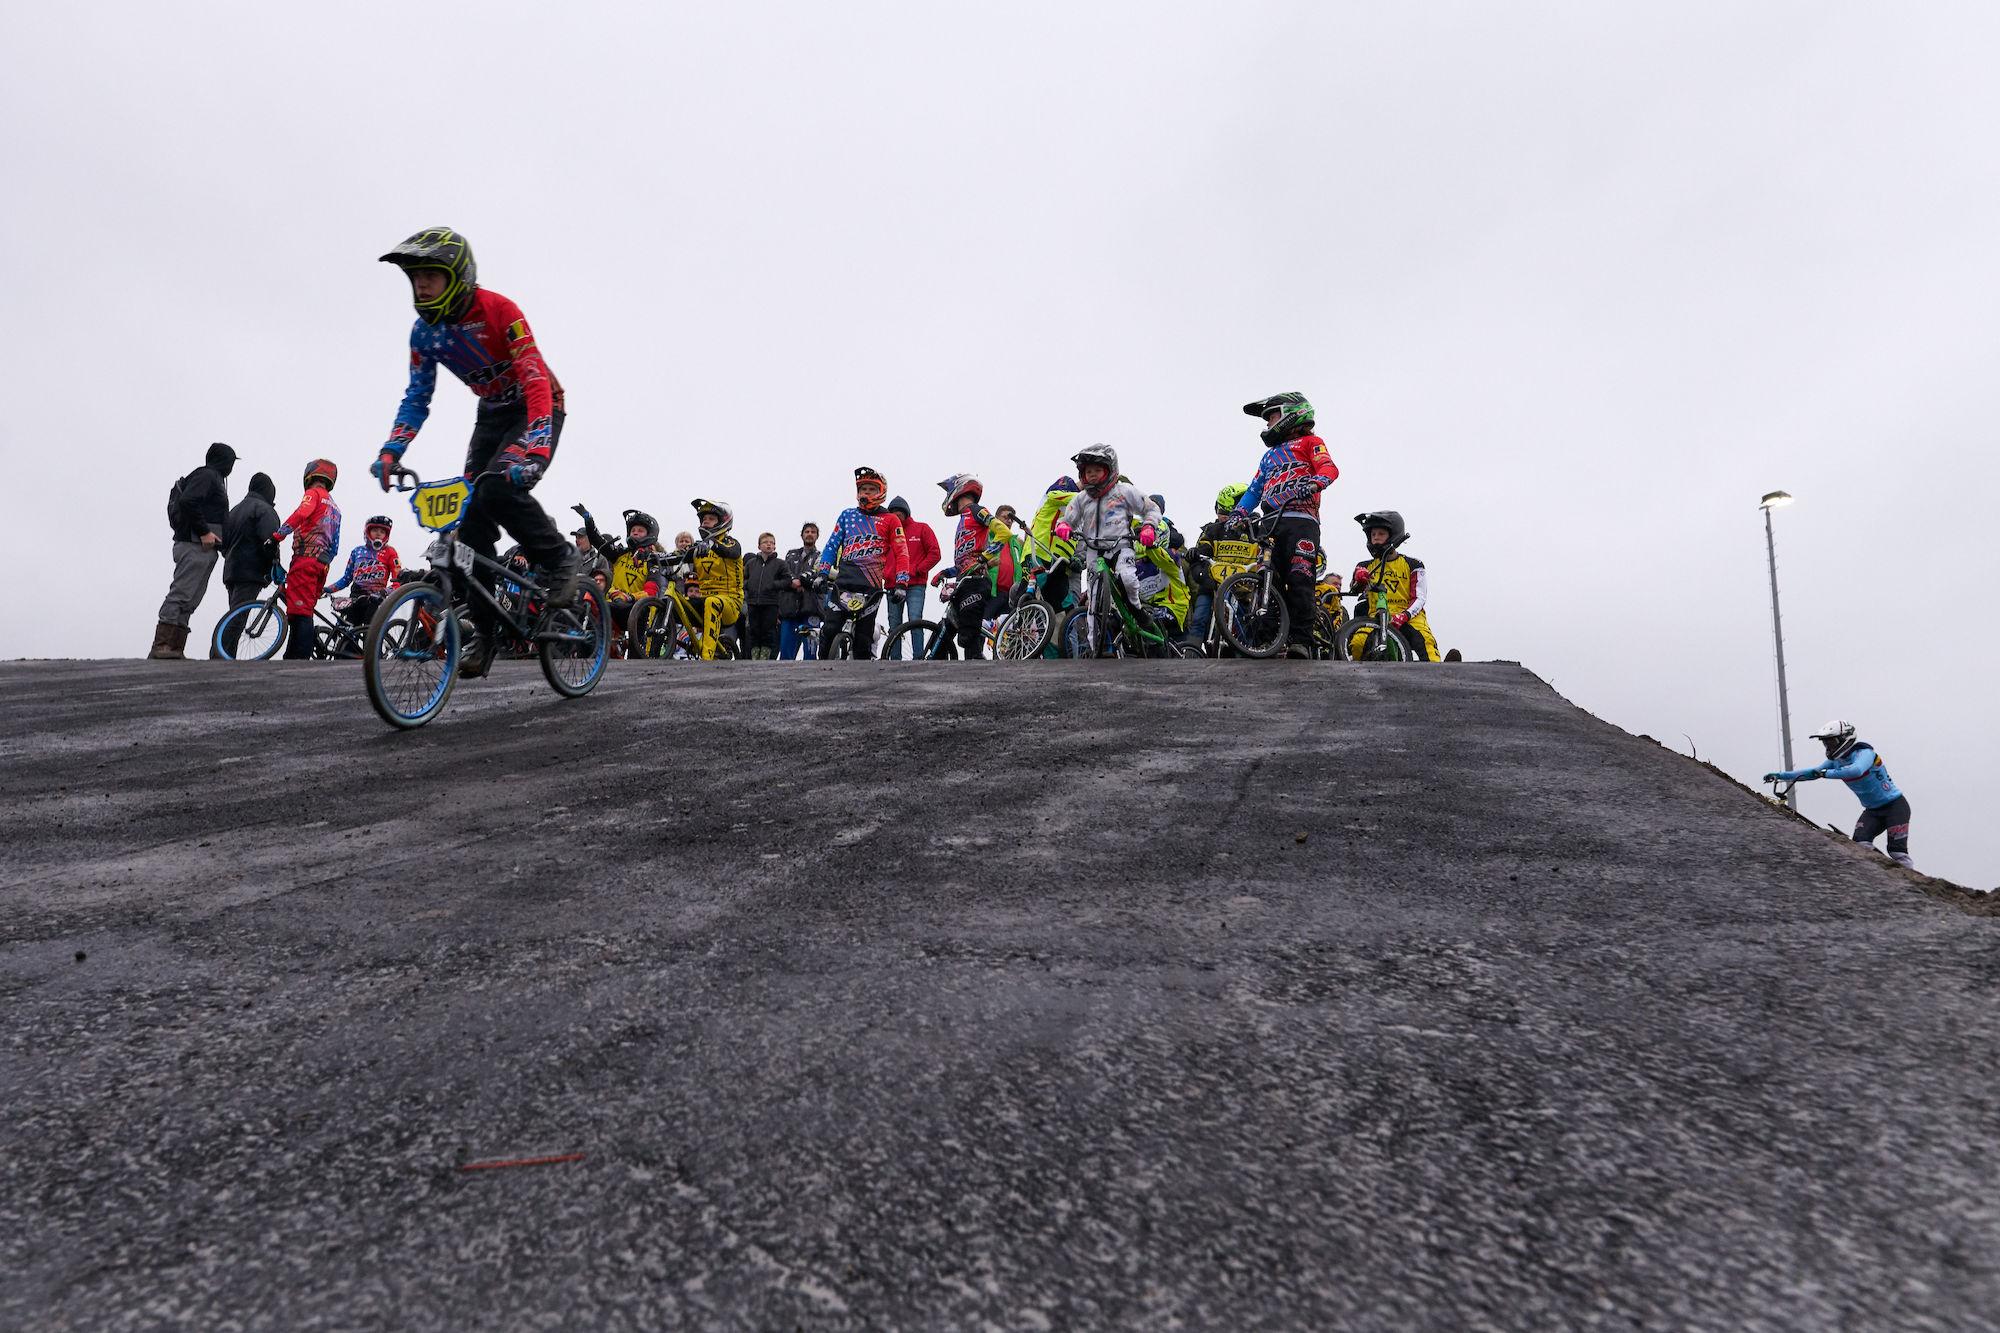 20181128_Puyenbroeck_officiele opening BMX parcour (51).jpg